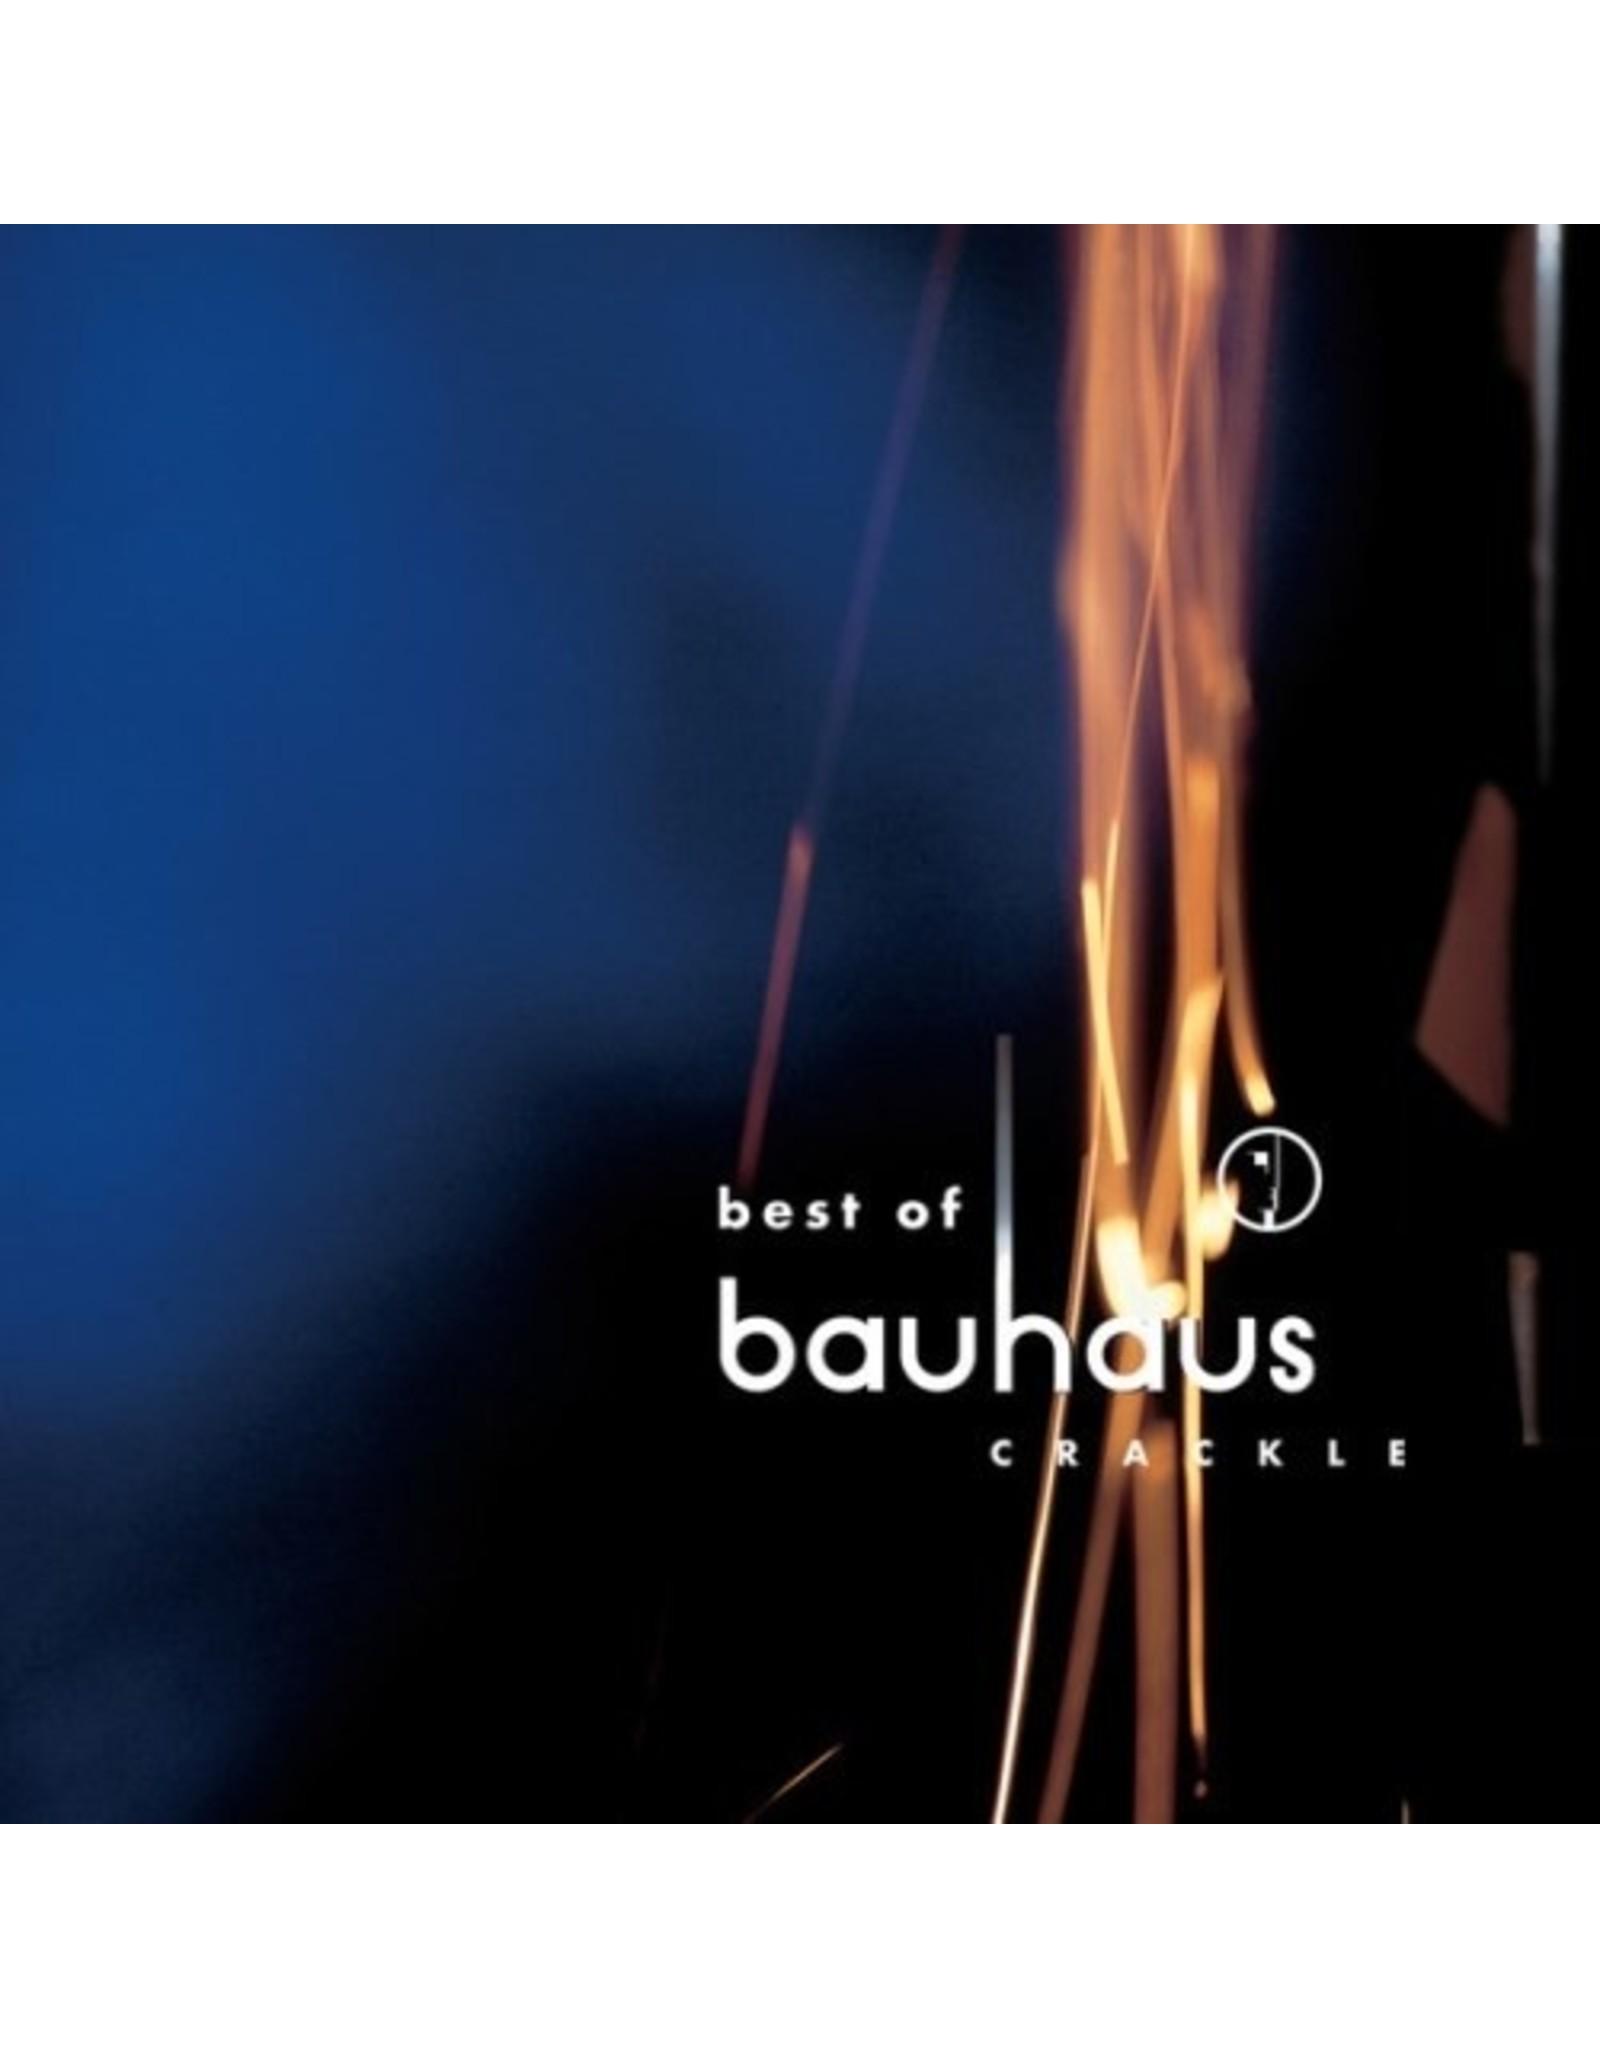 New Vinyl Bauhaus - Crackle: Best of Bauhaus  2LP